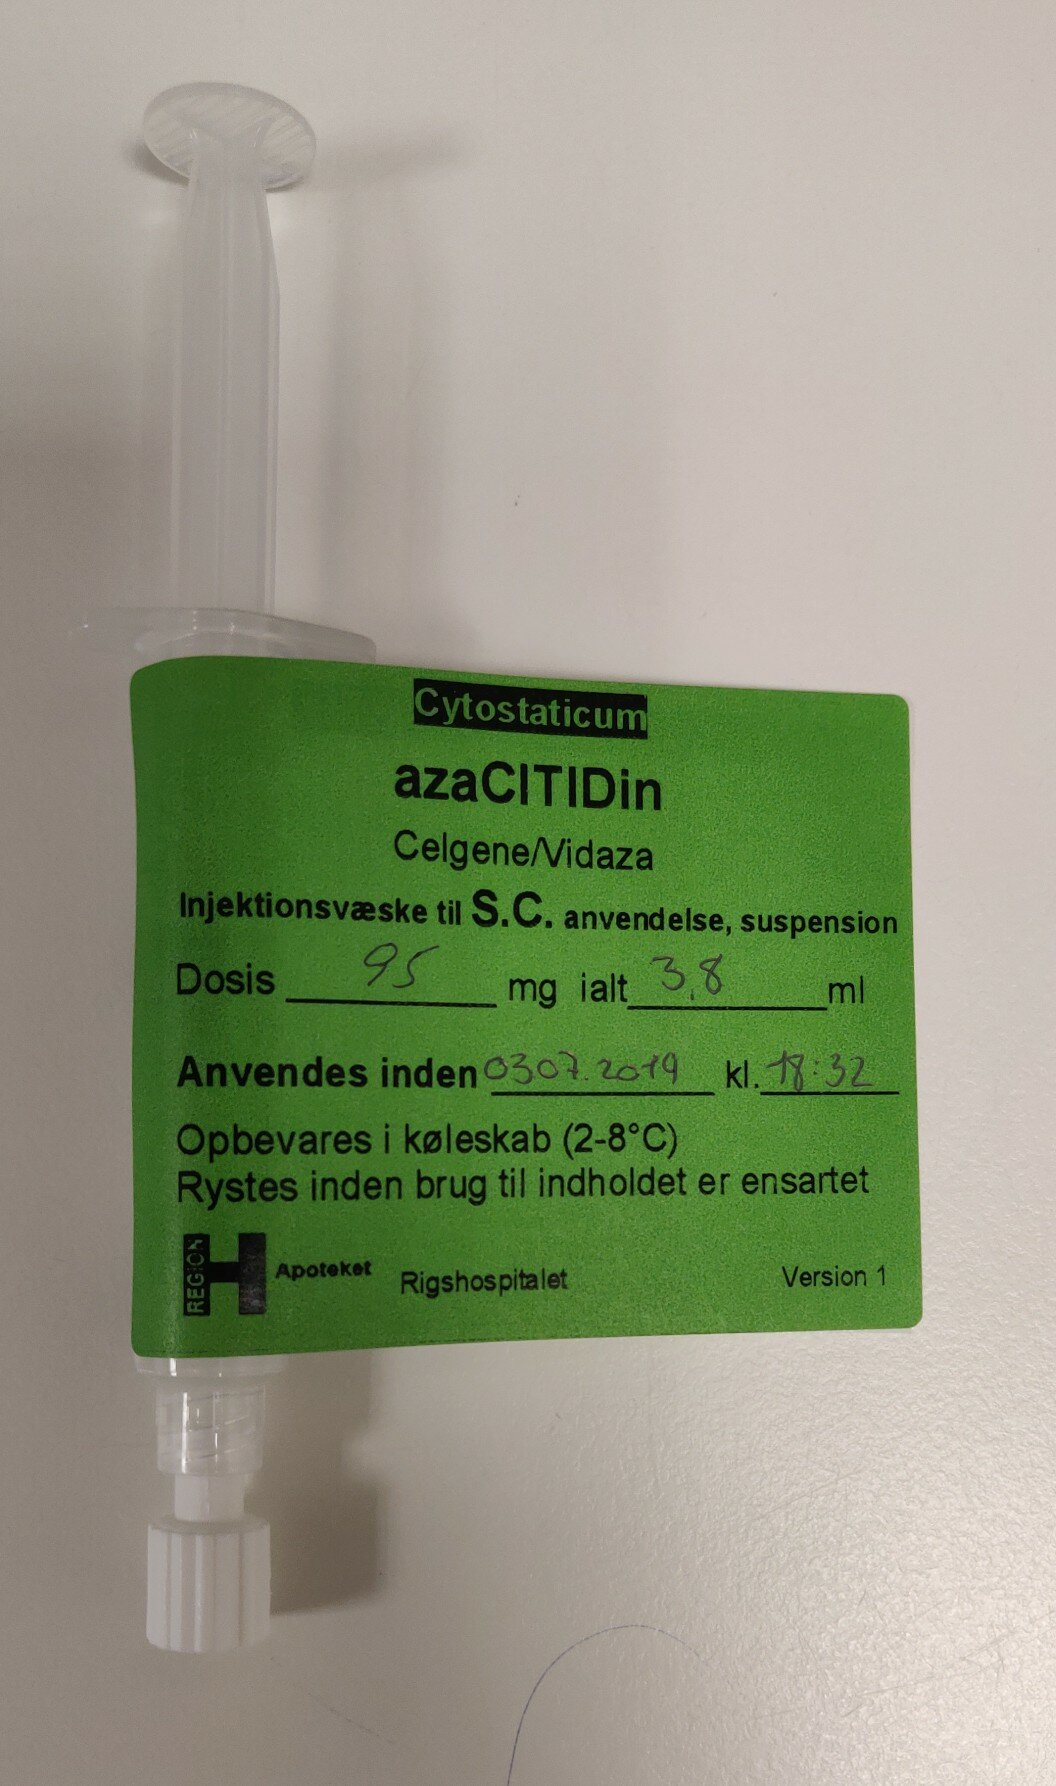 azaCITIDin